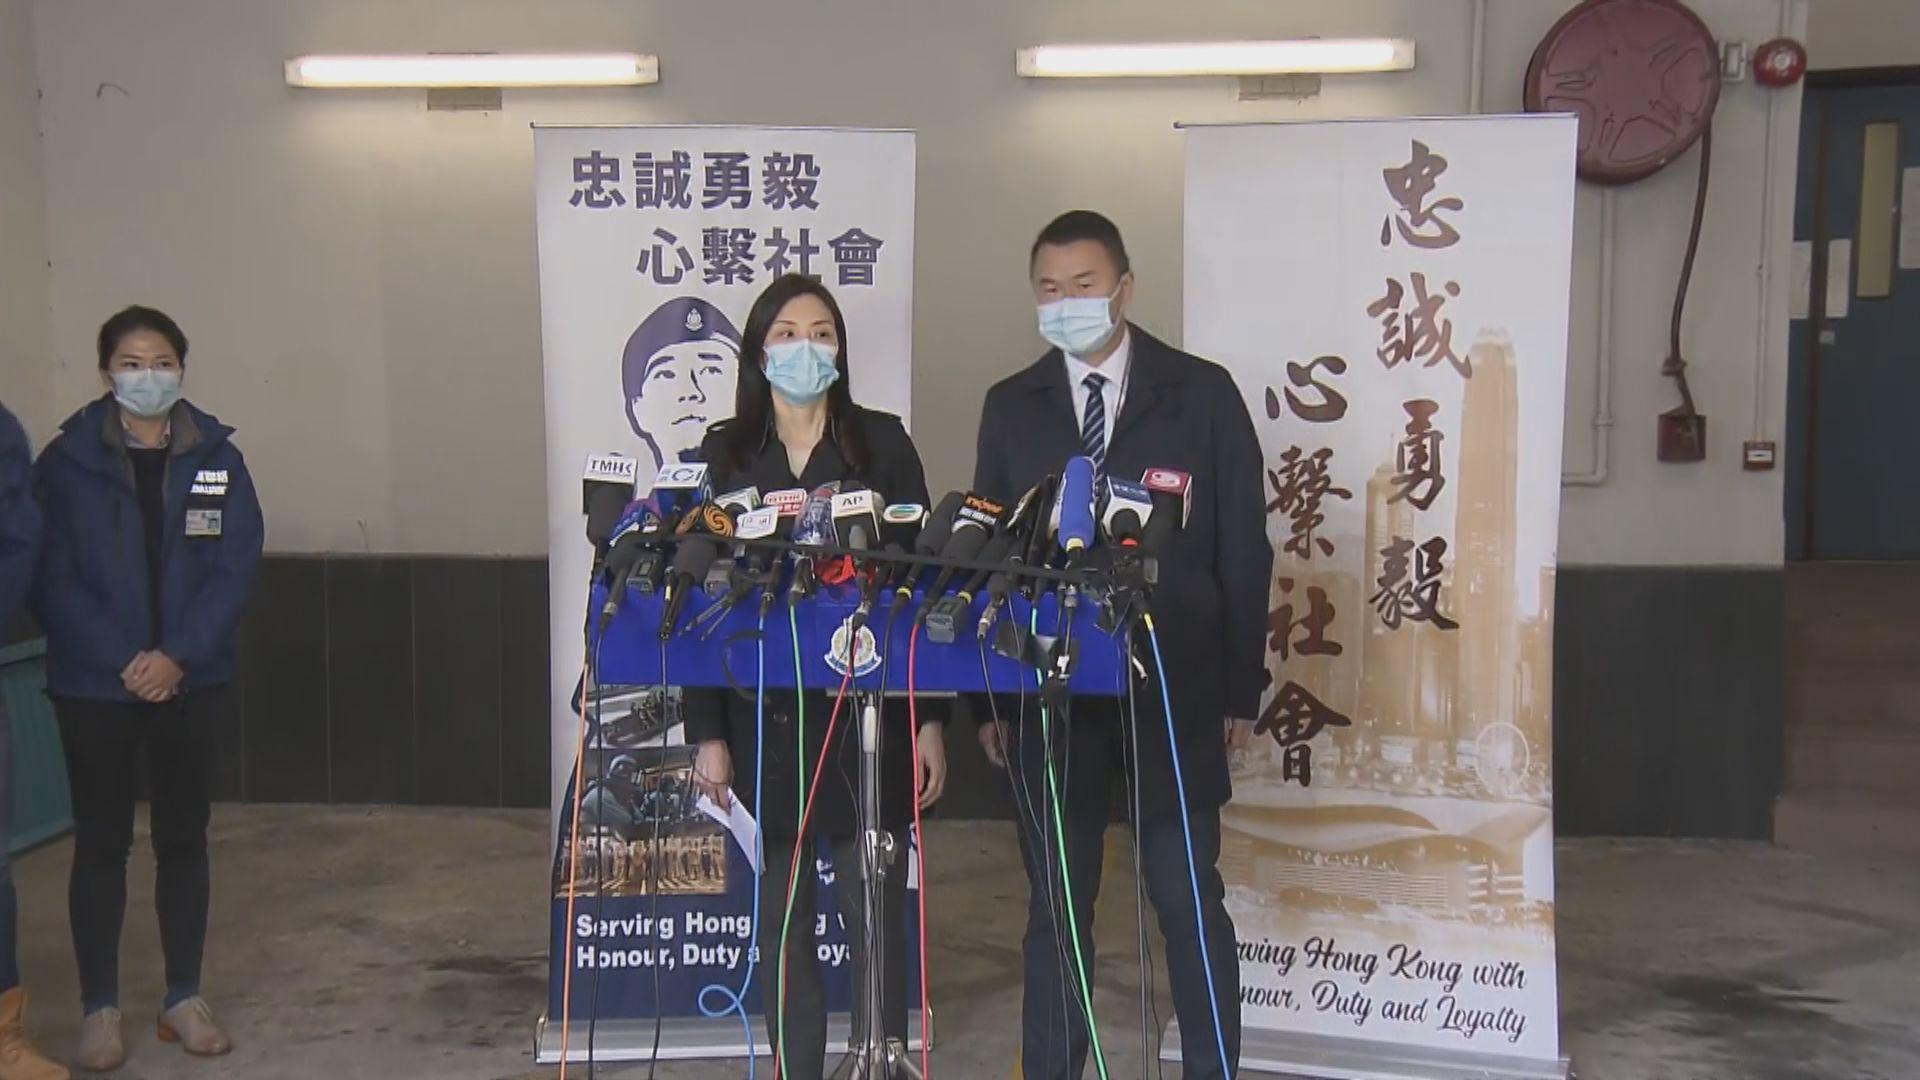 警方:會按程序處理廖子文及黃臨福與家屬會面申請